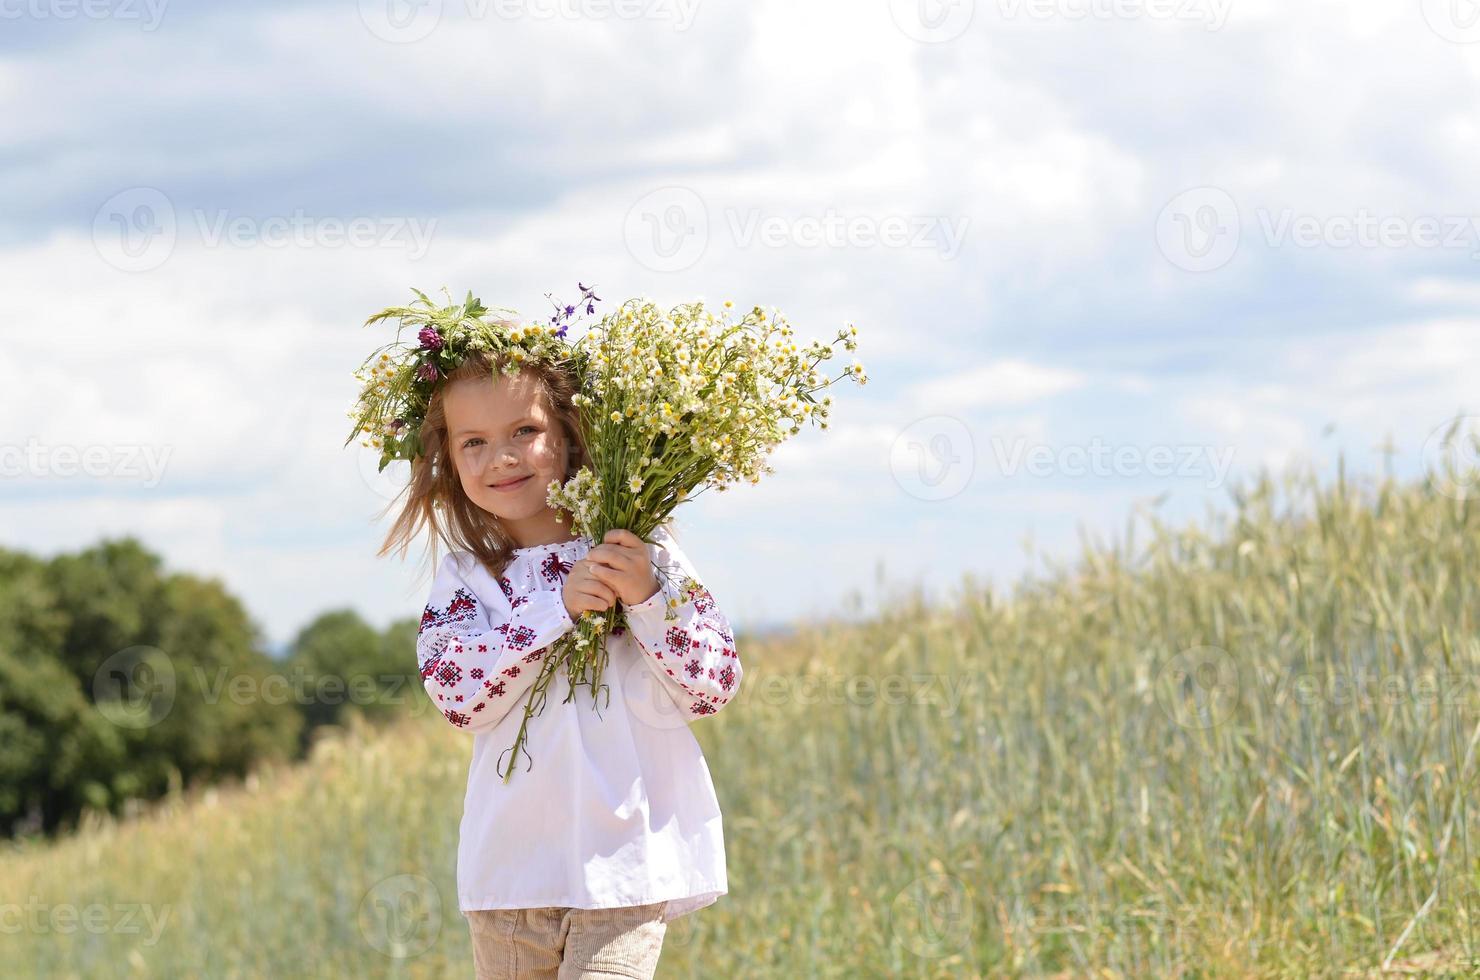 schönes lächelndes Mädchen mit Strauß wilder Blumen foto